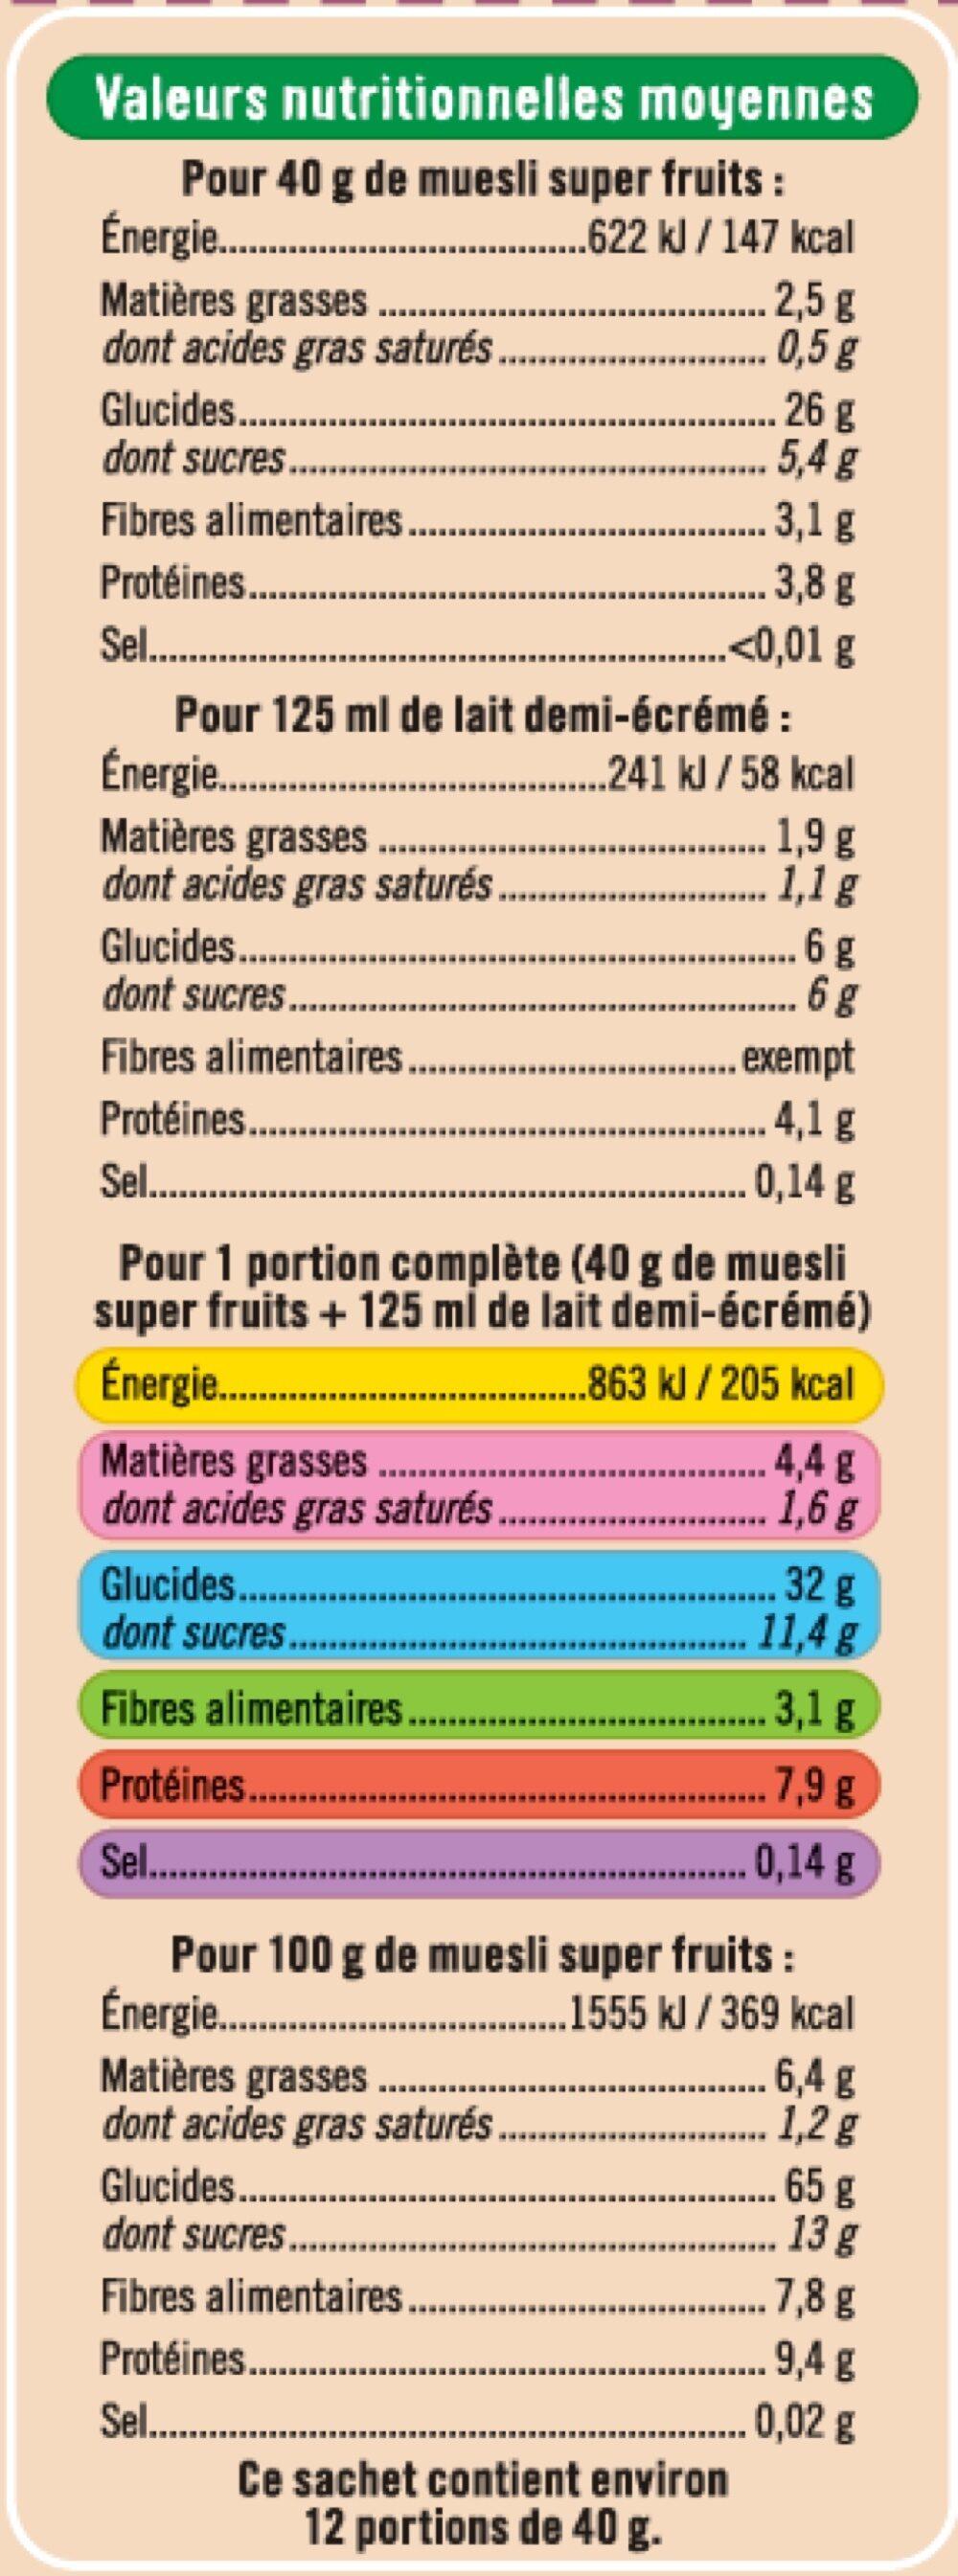 Muesli super fruits - Nutrition facts - fr